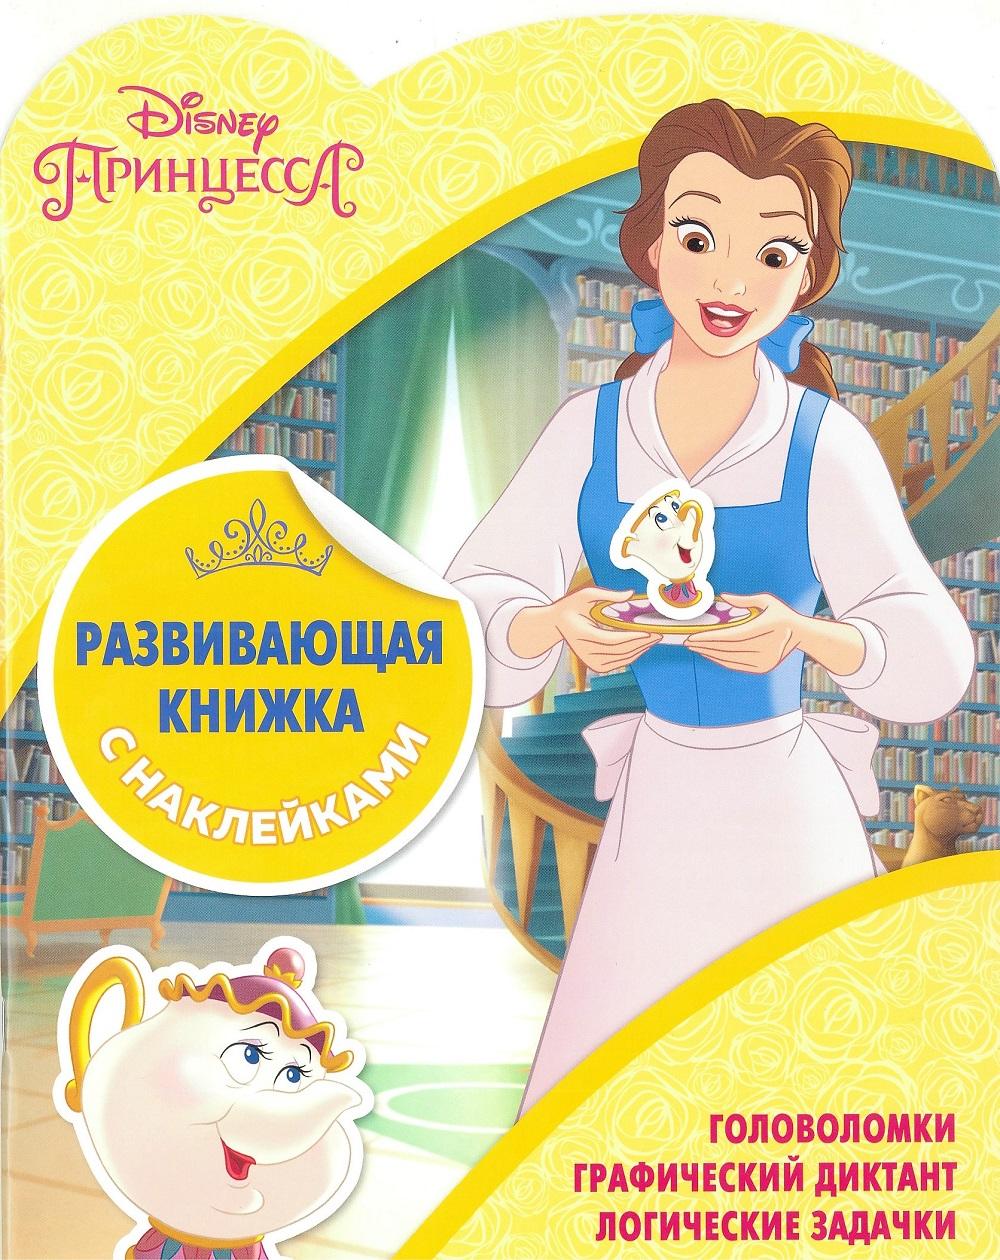 Принцессы Disney. КСН № 1801. Развивающая книжка с наклейками принцесса 1801 развивающая книжка с наклейками